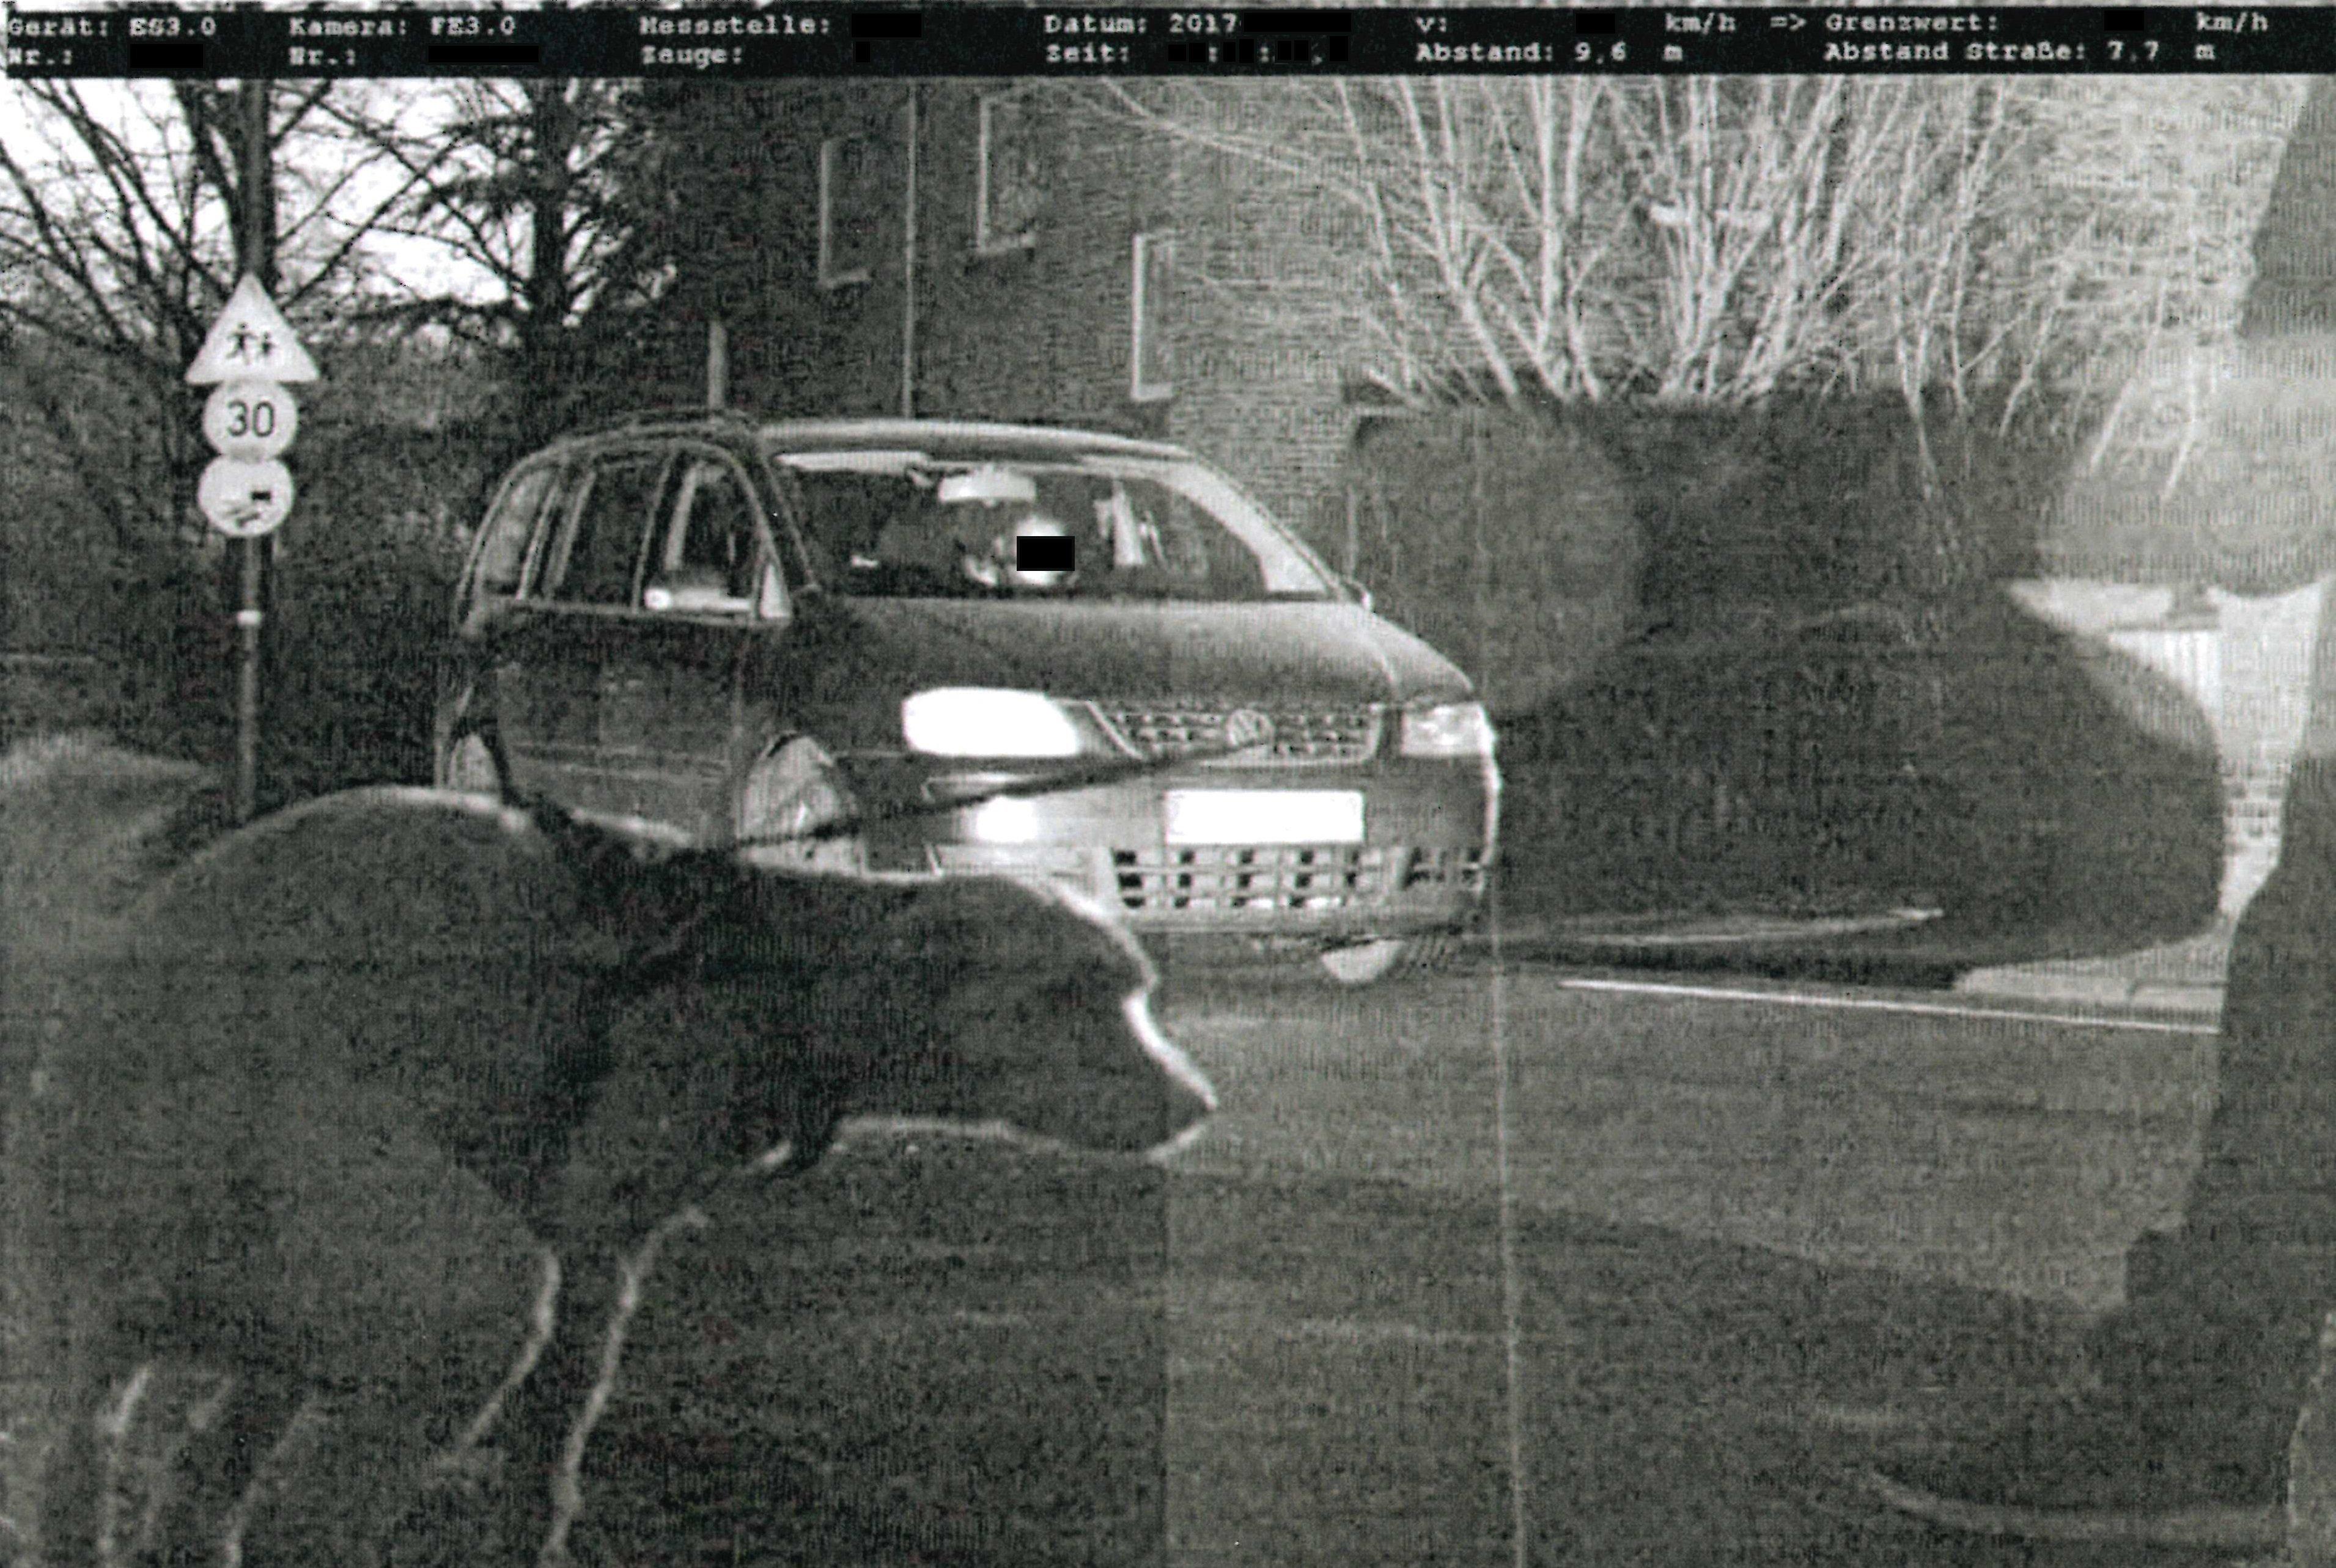 NRW: Polizei blitzt Hund beim Gassi gehen – das steckt dahinter